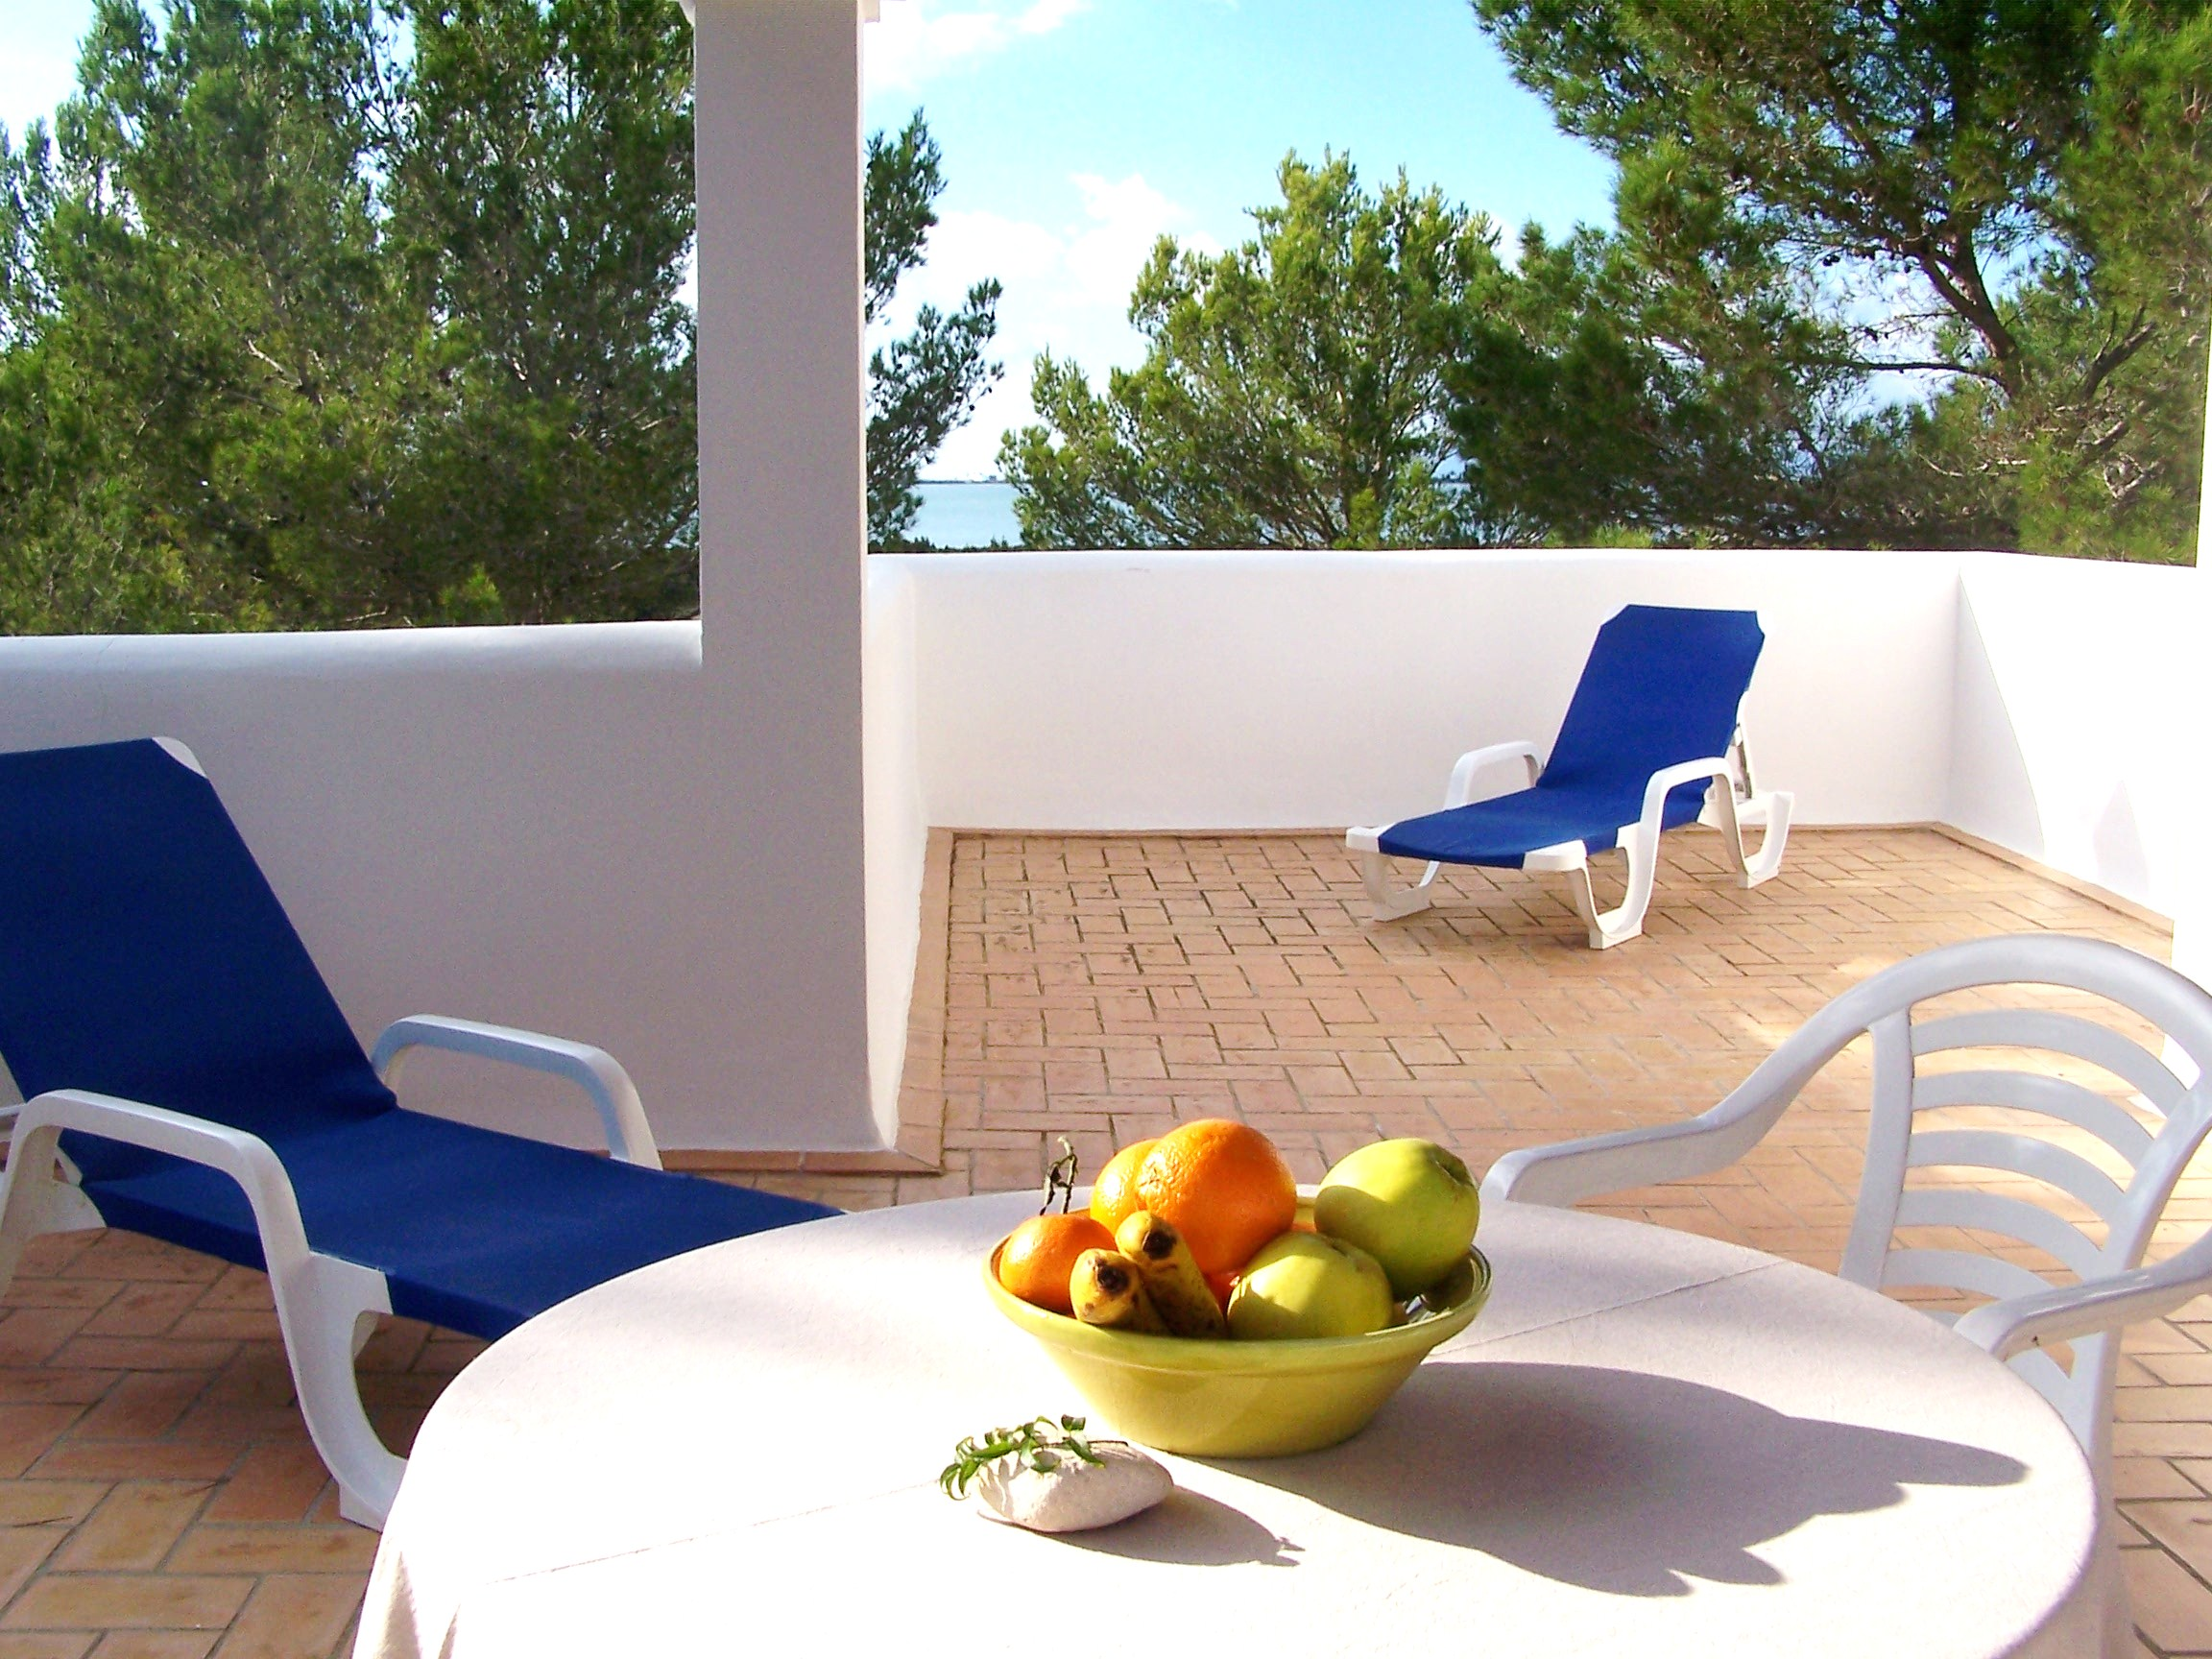 Estudio vacacional en Formentera. Terraza privada. Alojamientos turísticos Cardona